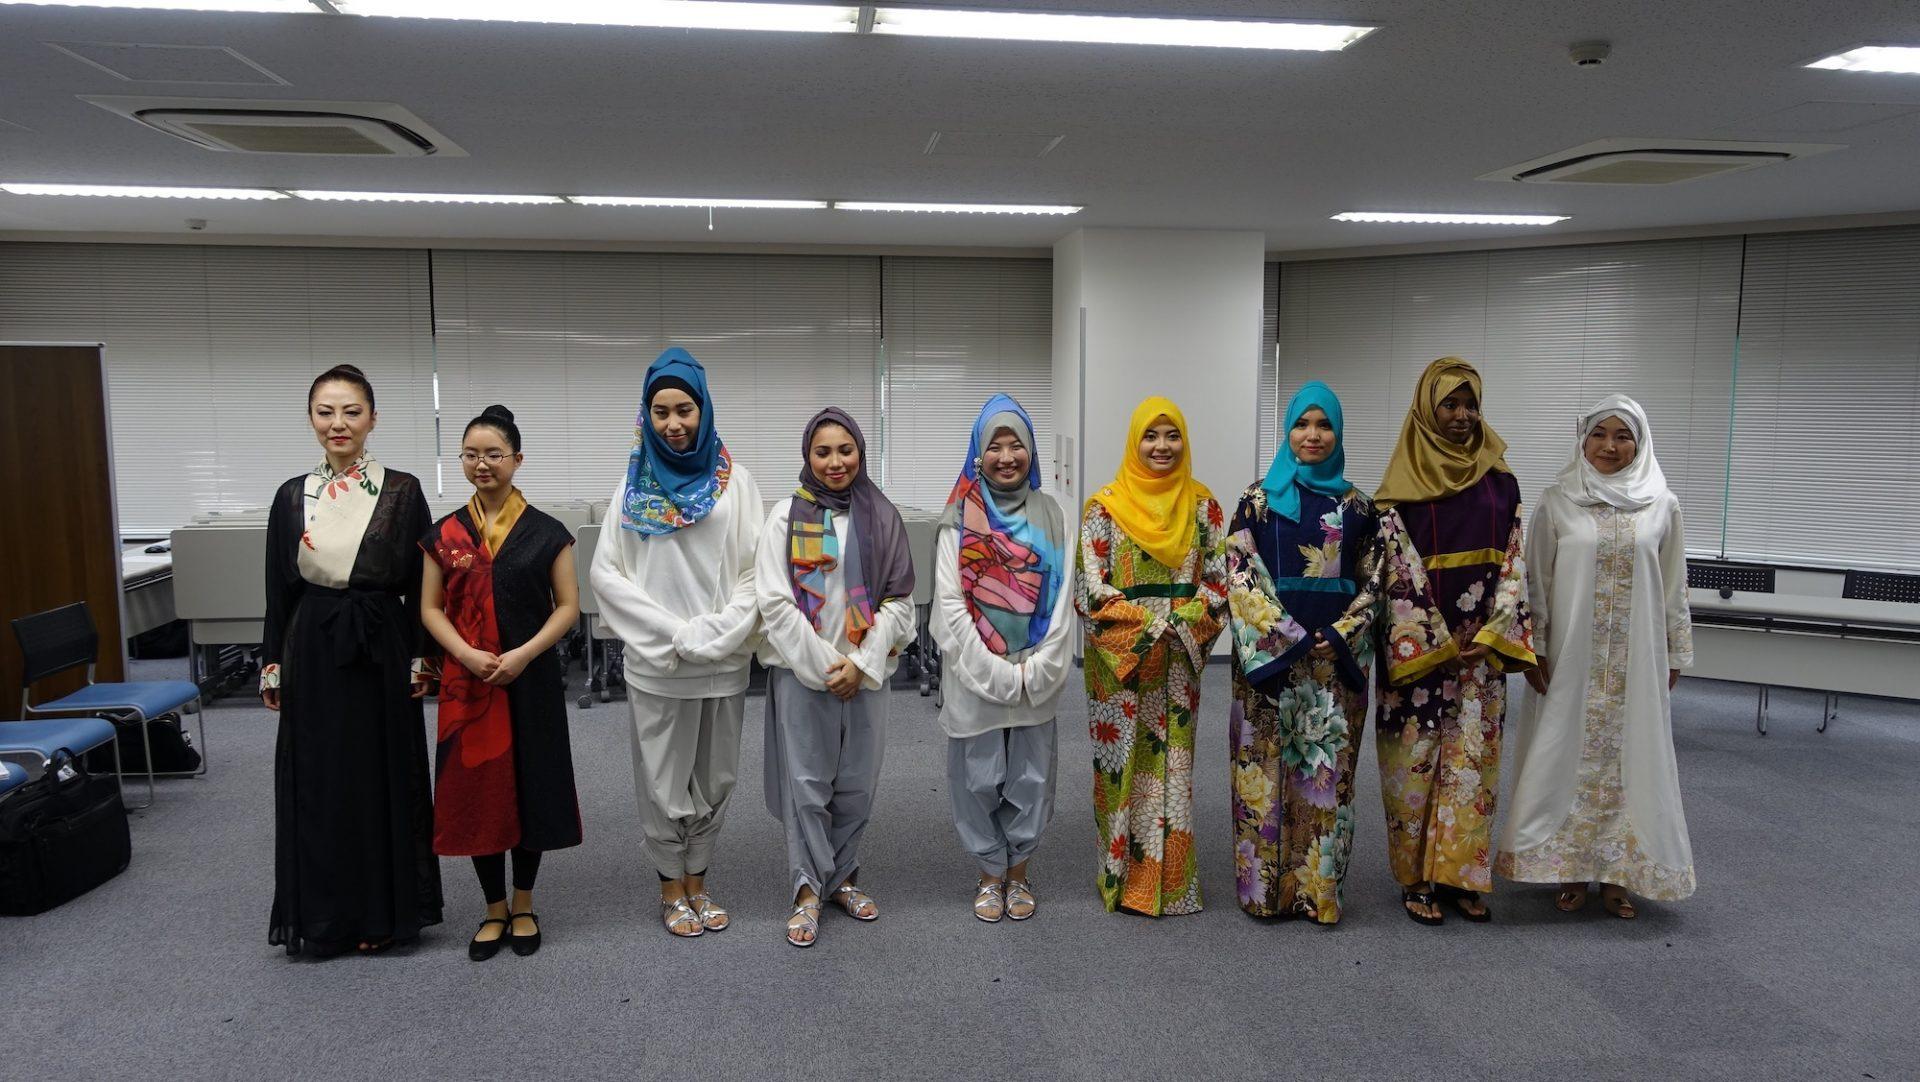 ムスリム着物ファッションショー